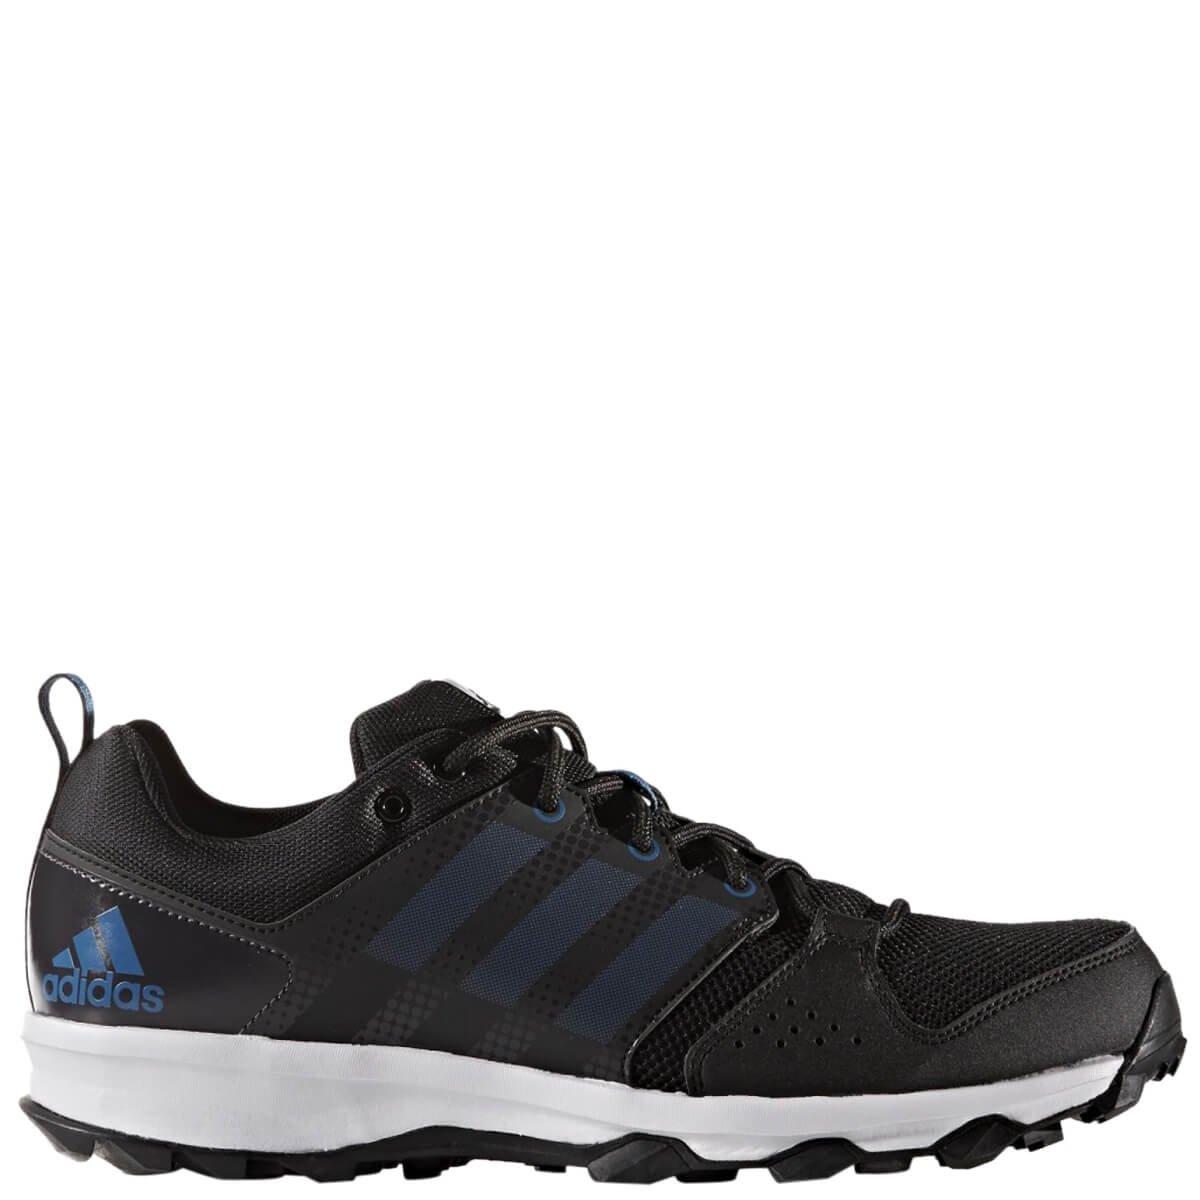 b0248db422c Bizz Store - Tênis Masculino Adidas Galaxy Trail Trilha